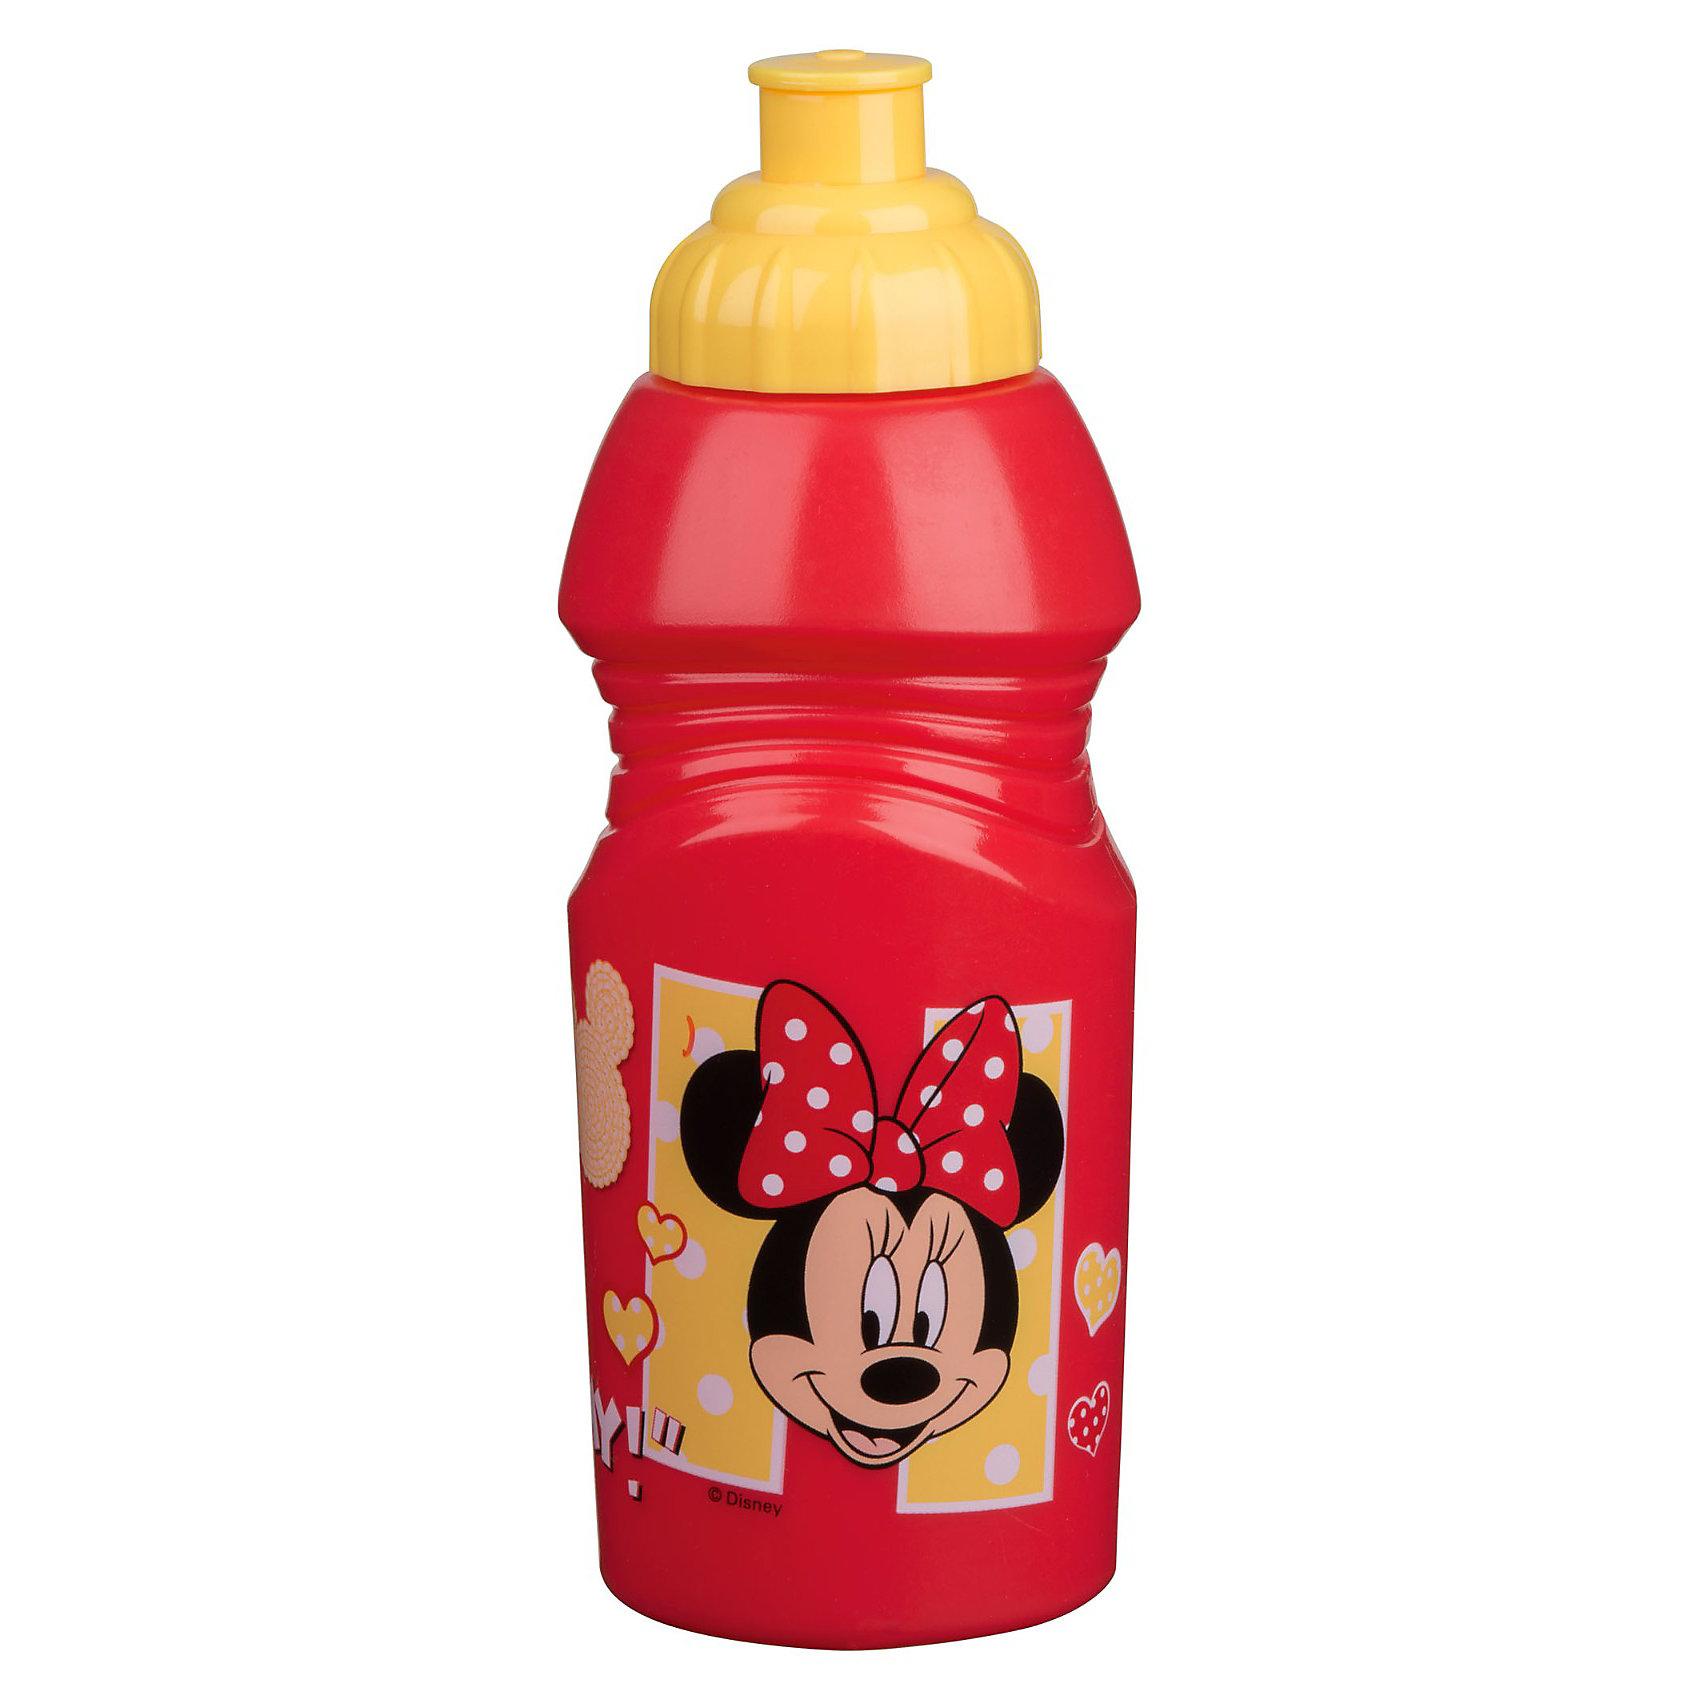 Новый Диск Бутылка спортивная малая (375 мл), Минни Маус бутылка спортивная 700 мл чёрная 1104075